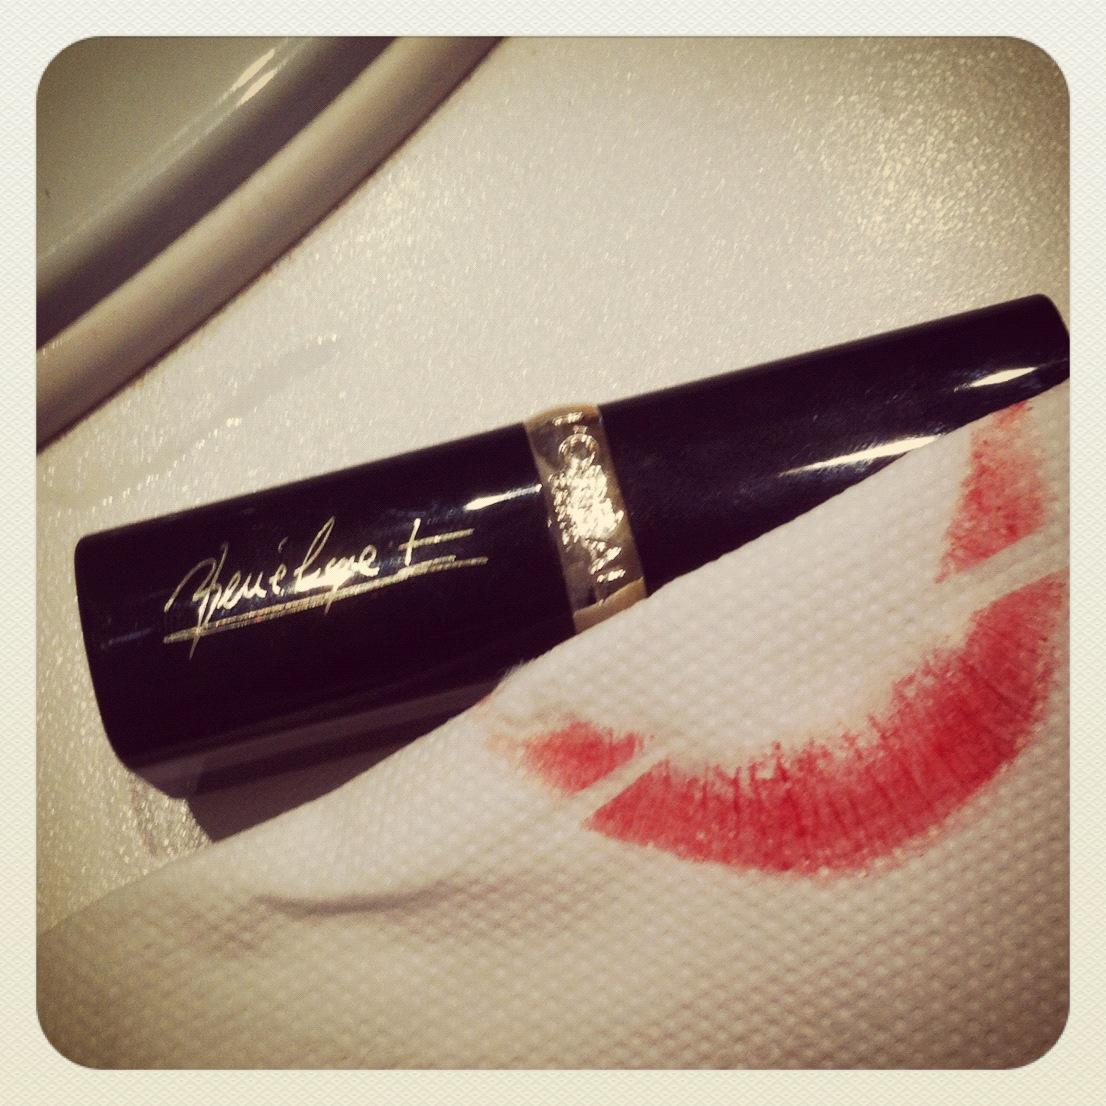 l'oreal red lipstick